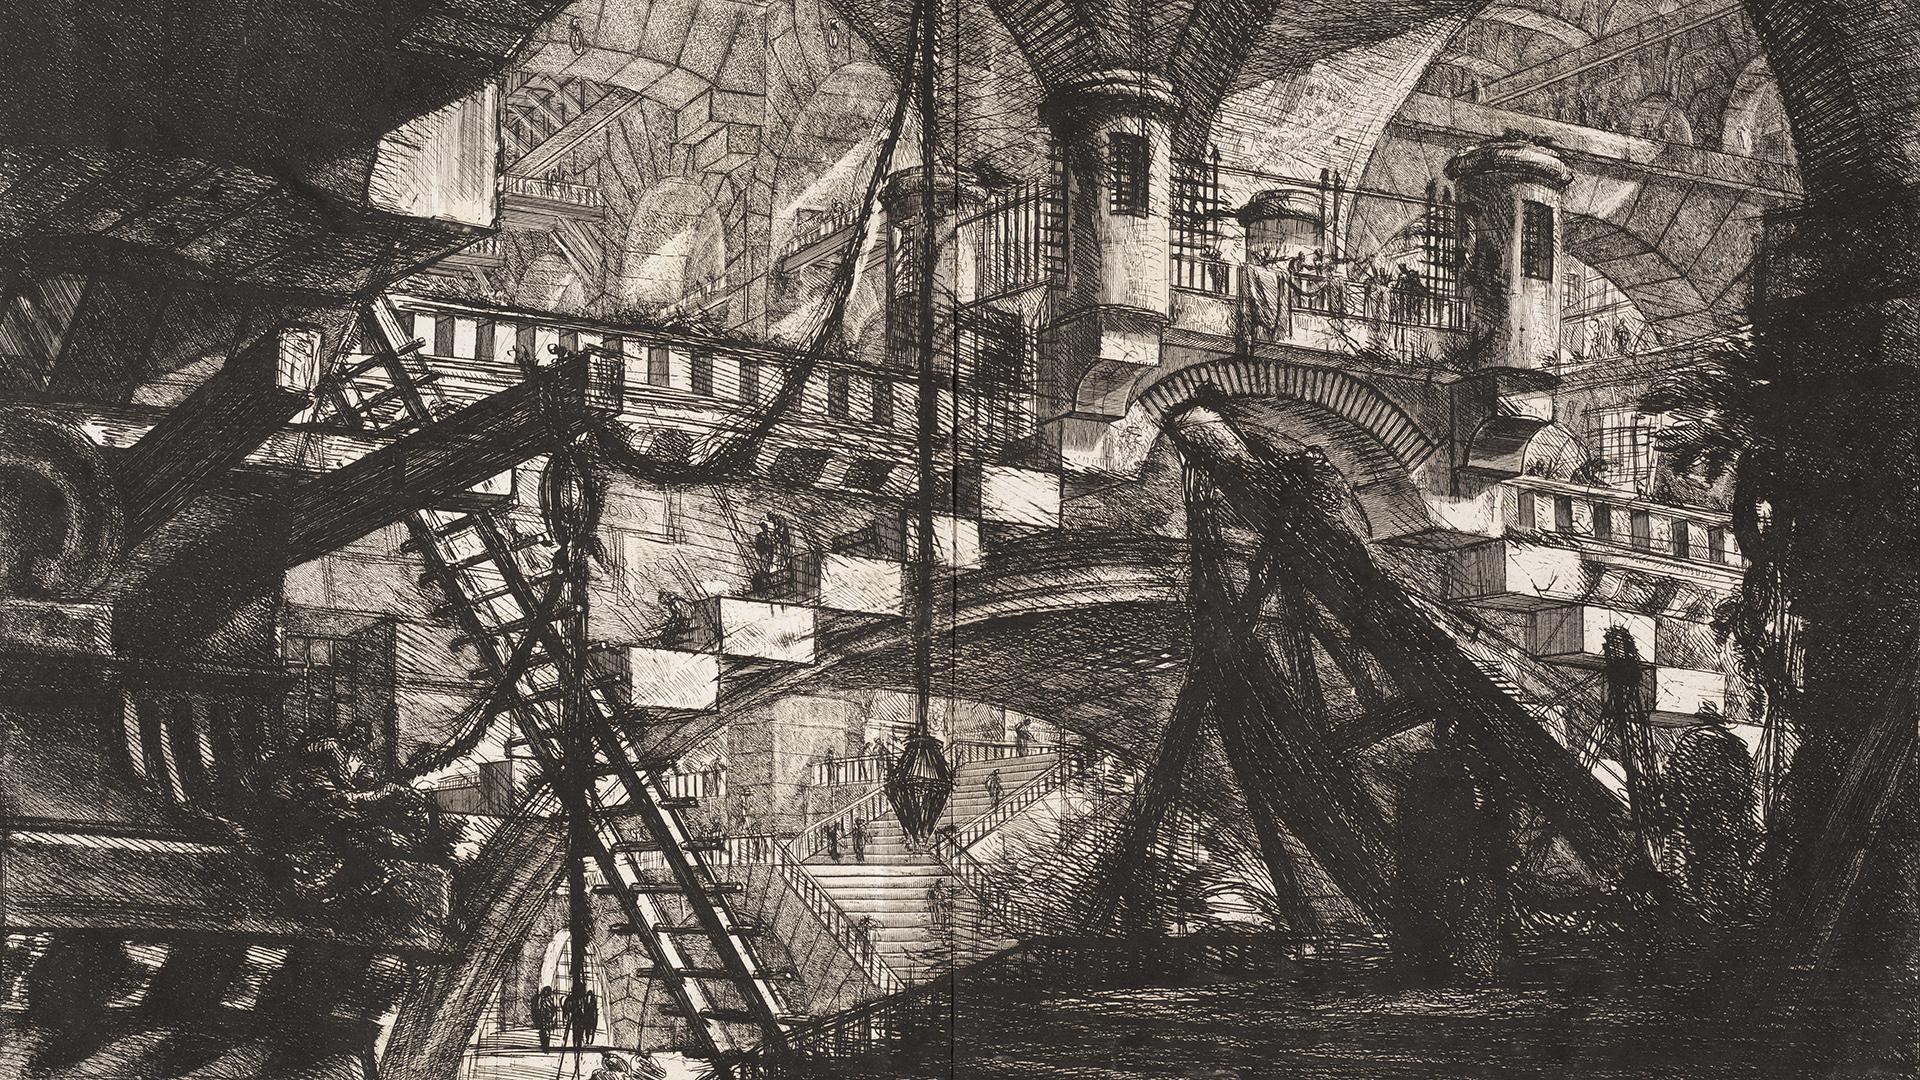 Carceri d'invenzione plate-XI by Giovanni Battista Piranesi, 1761.